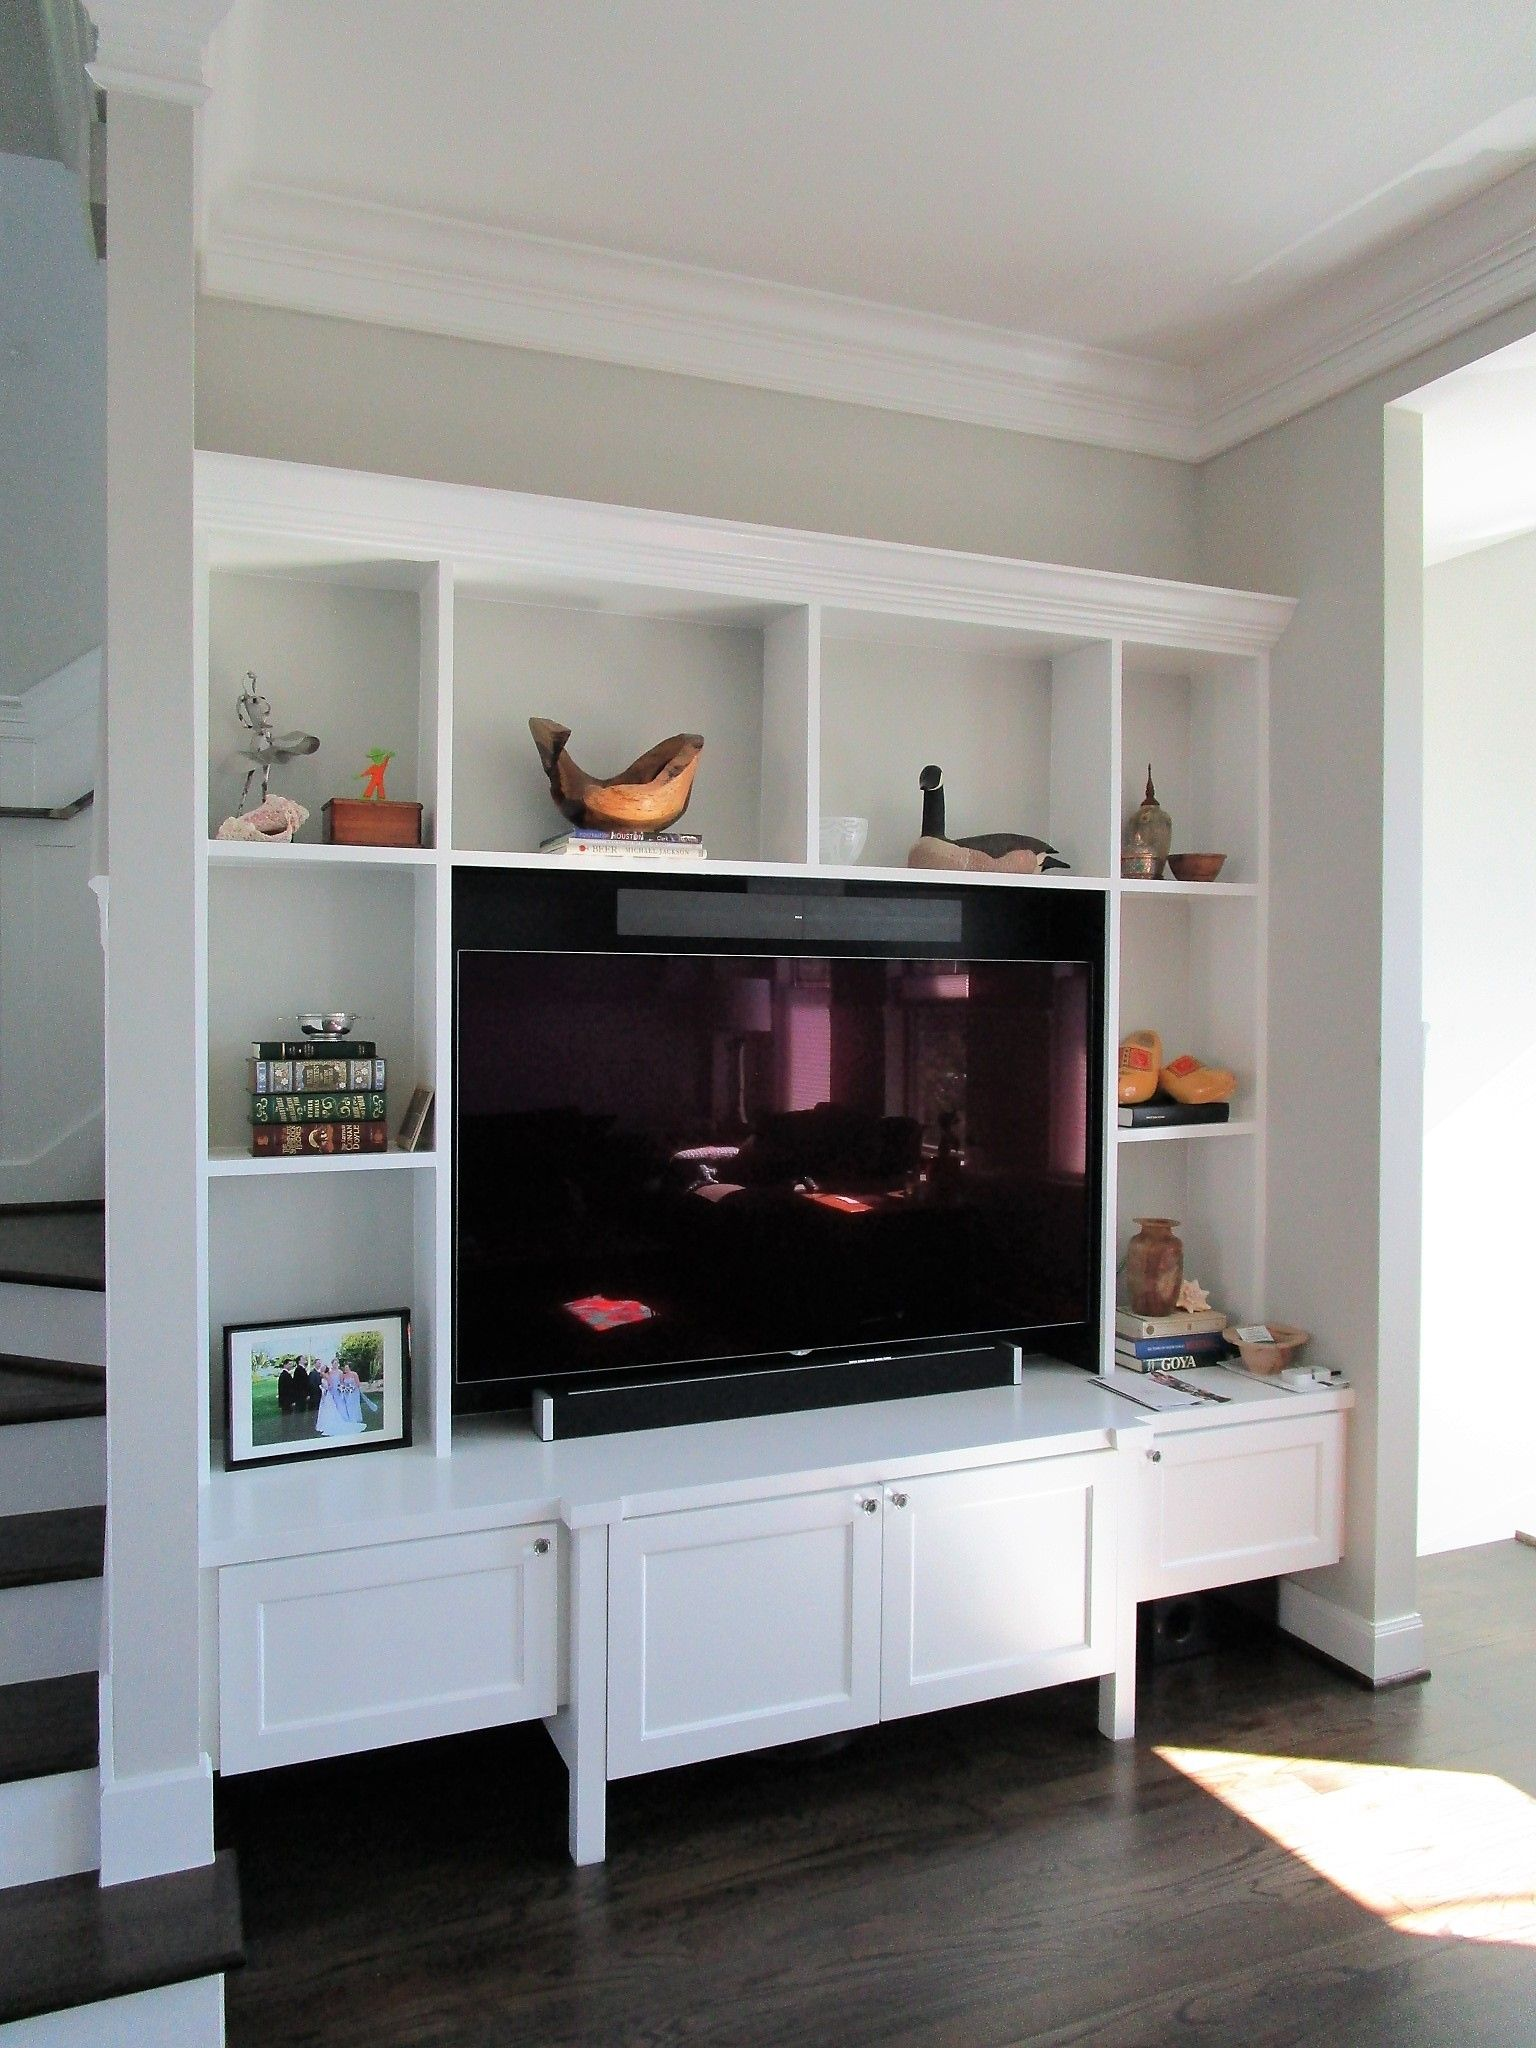 Clean simple entertainment center built around a clients